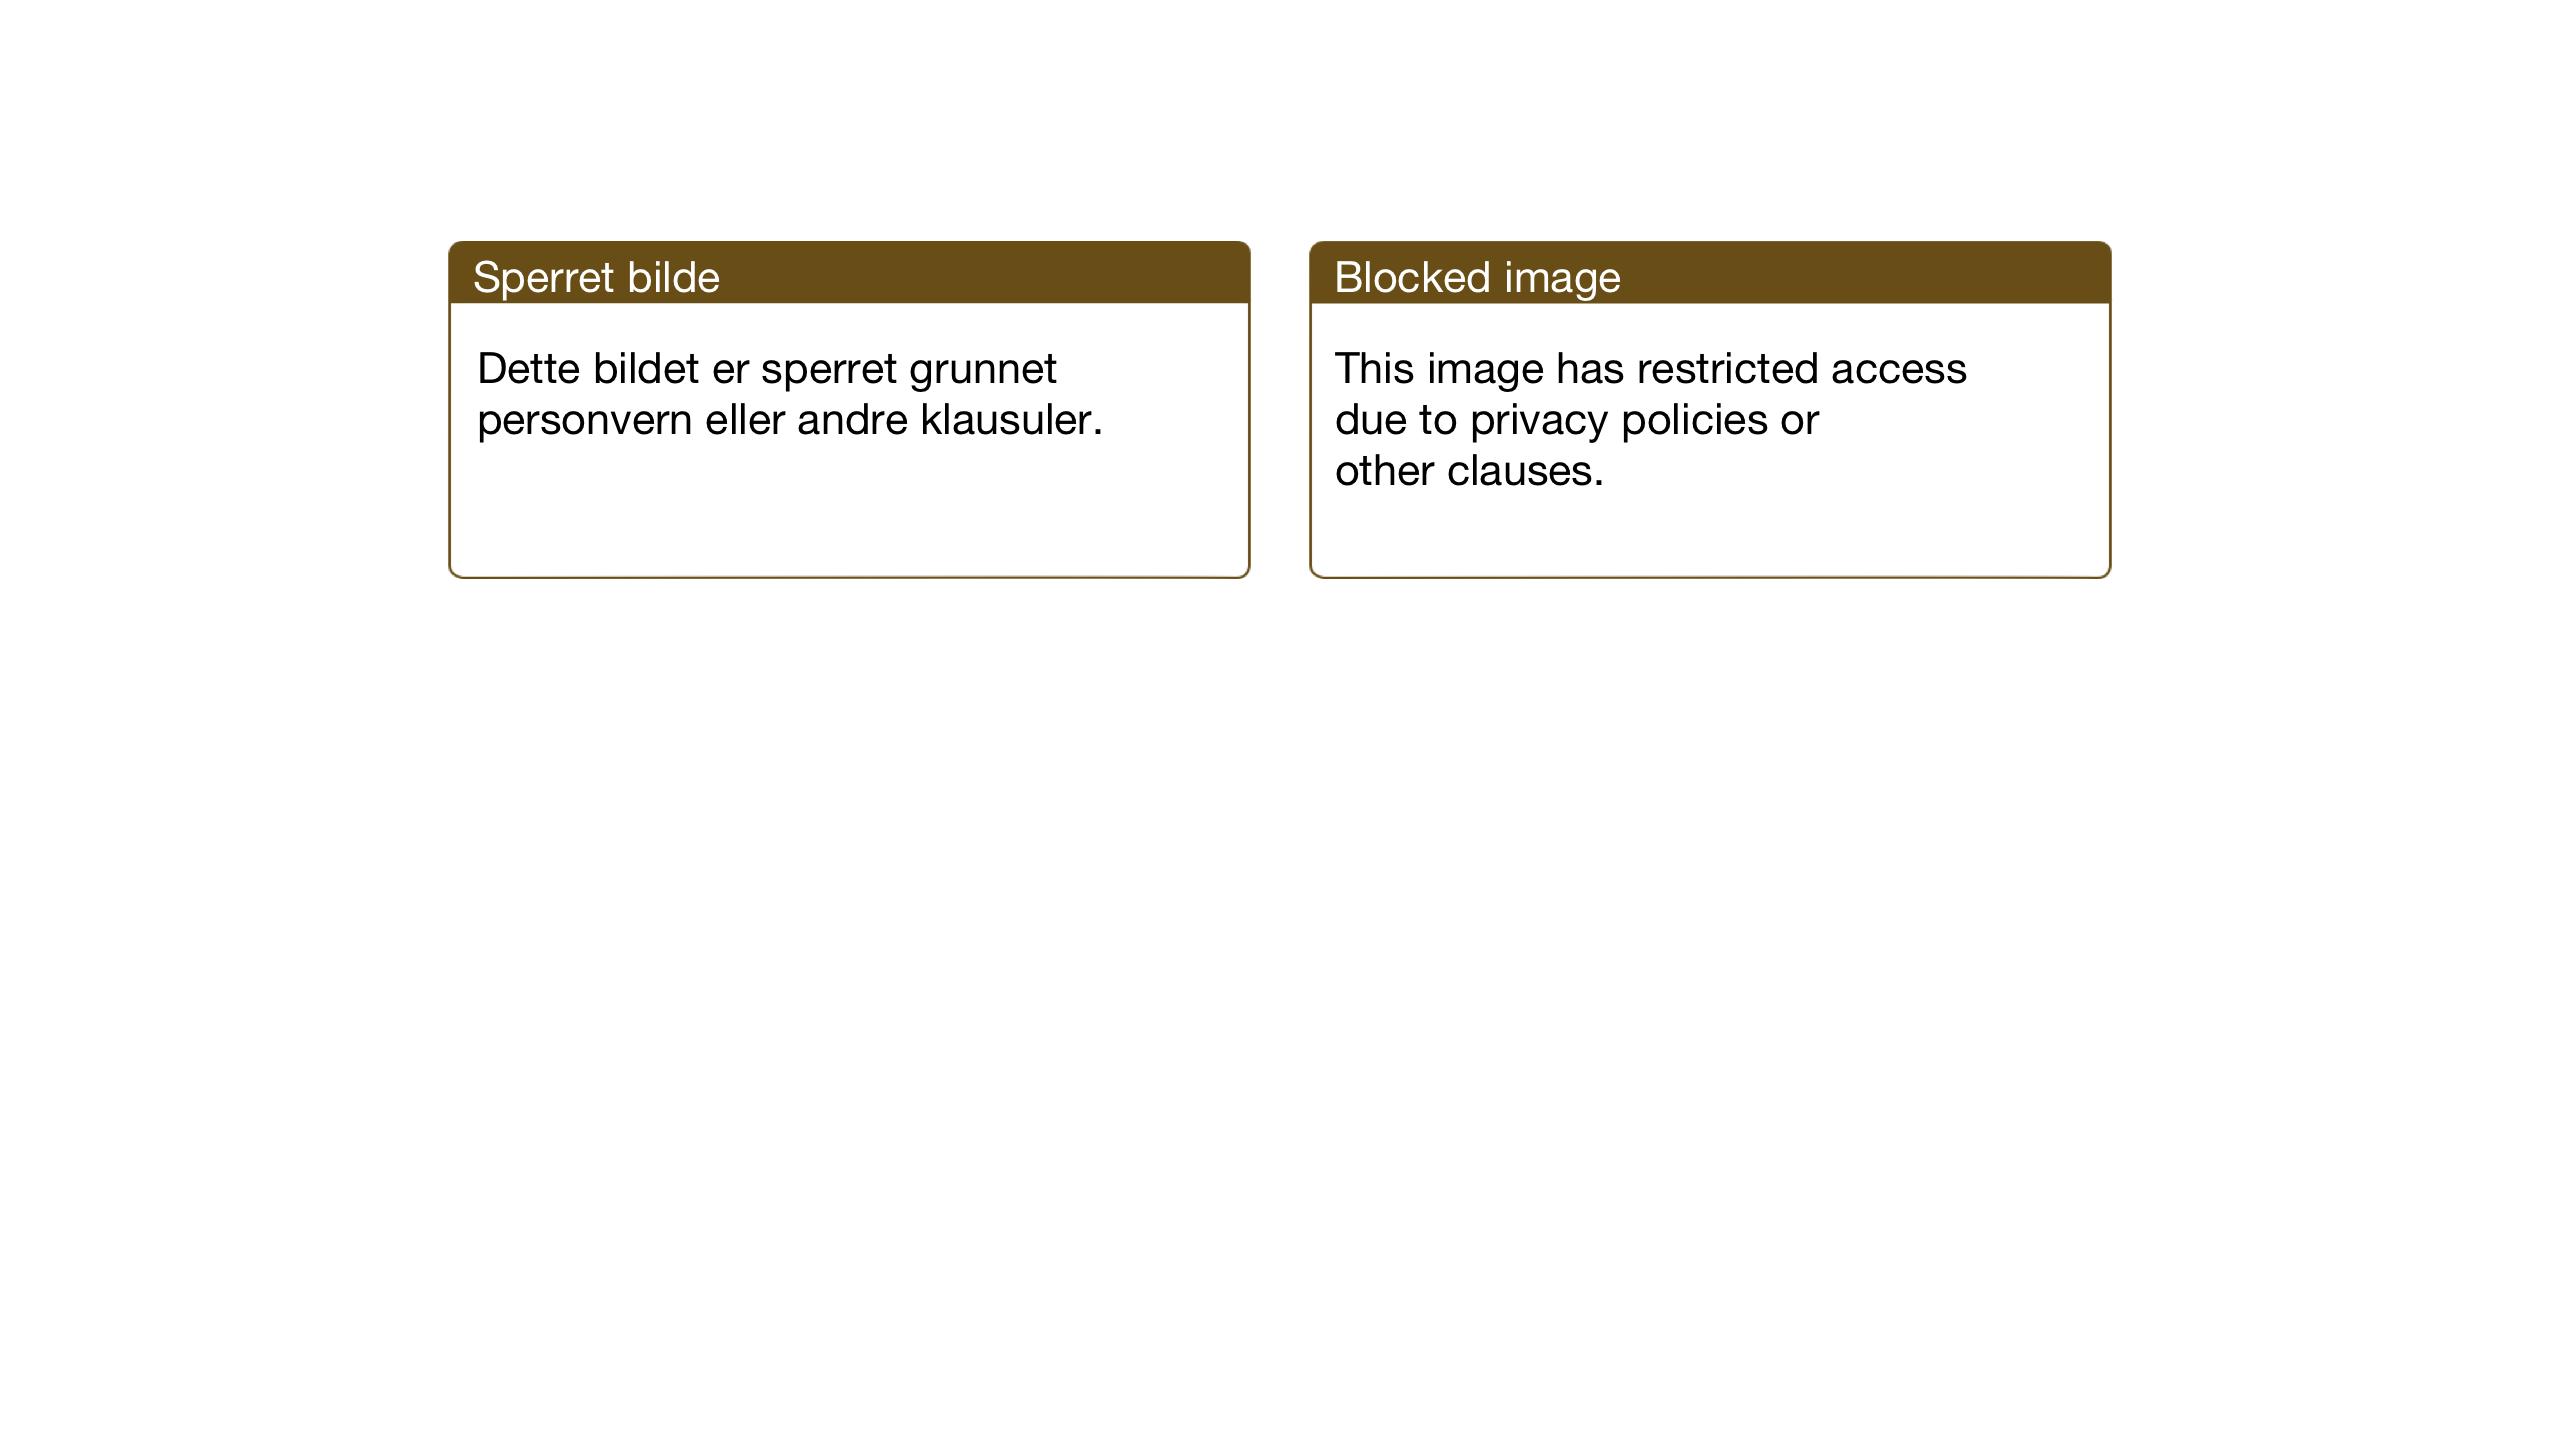 SAT, Ministerialprotokoller, klokkerbøker og fødselsregistre - Nord-Trøndelag, 746/L0455: Klokkerbok nr. 746C01, 1908-1933, s. 50